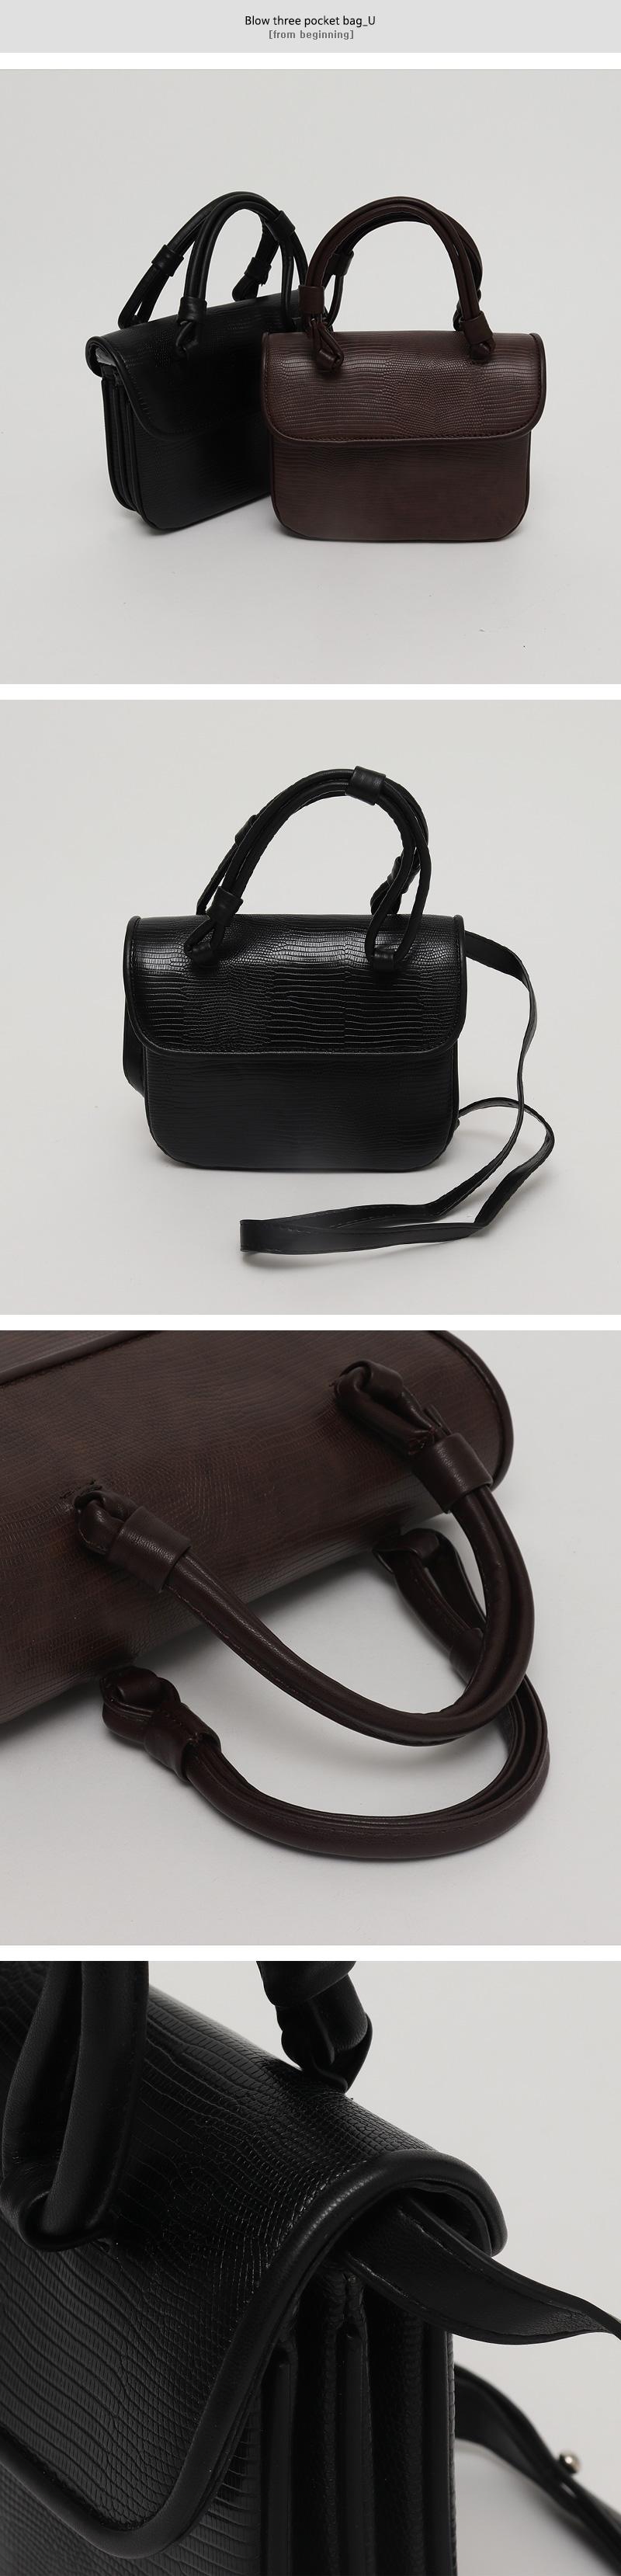 Blow three pocket bag_U